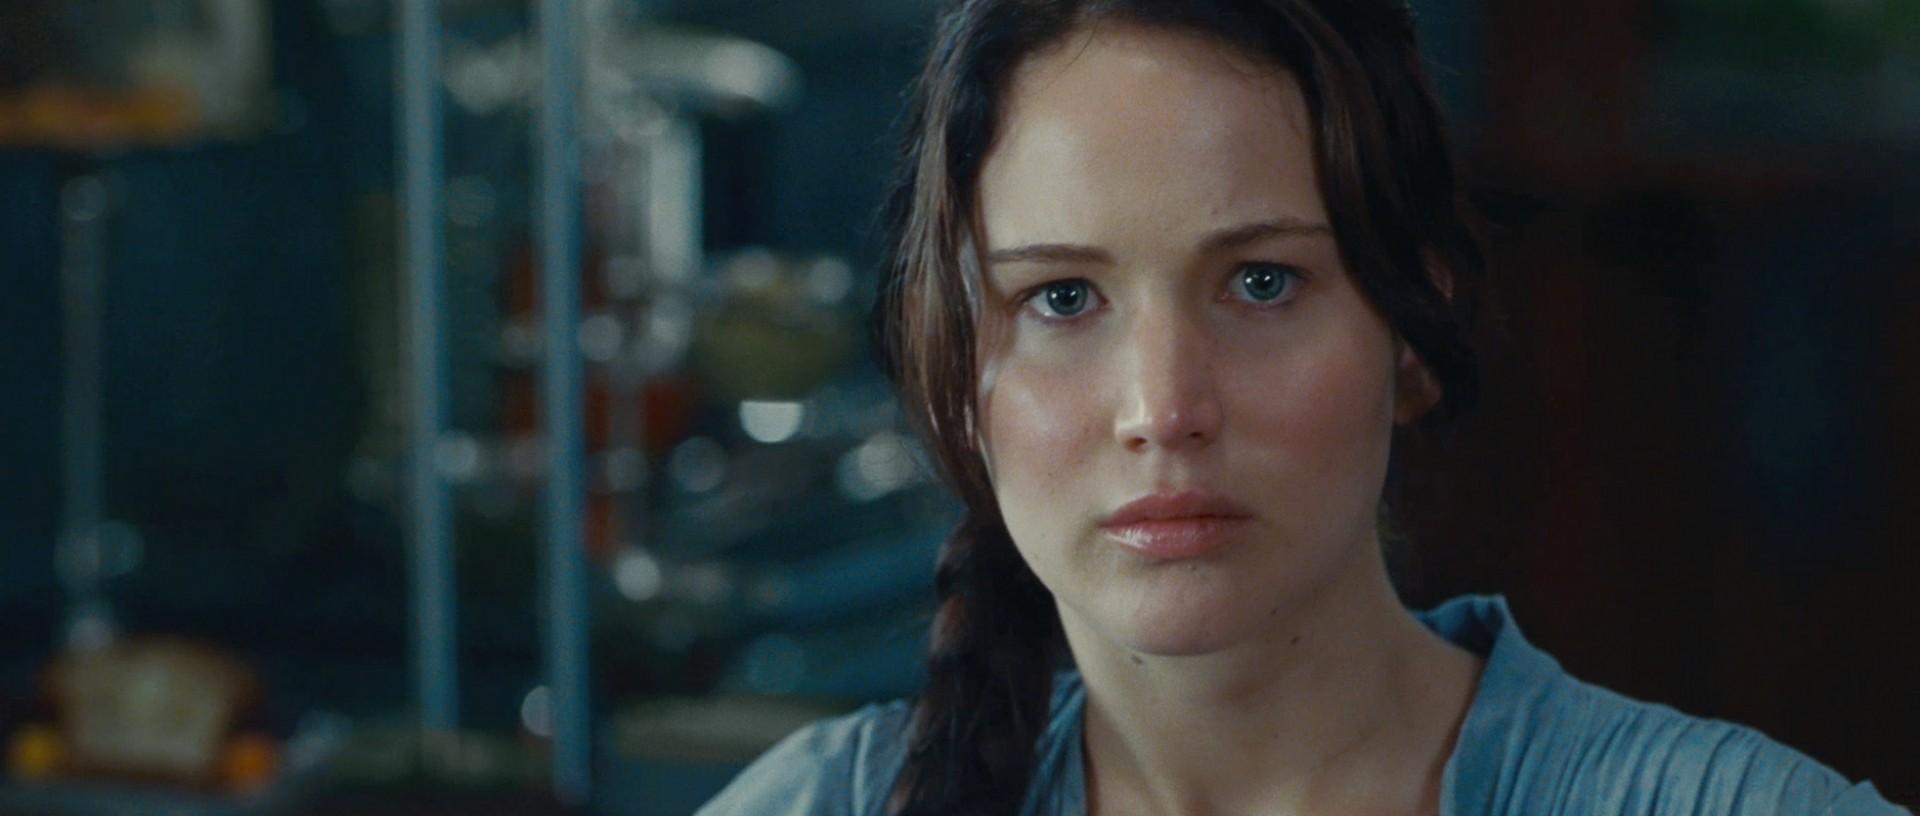 http://images5.fanpop.com/image/photos/31000000/Jennifer-as-The-Hunger-Games-Katniss-Everdeen-jennifer-lawrence-31068360-1920-816.jpg